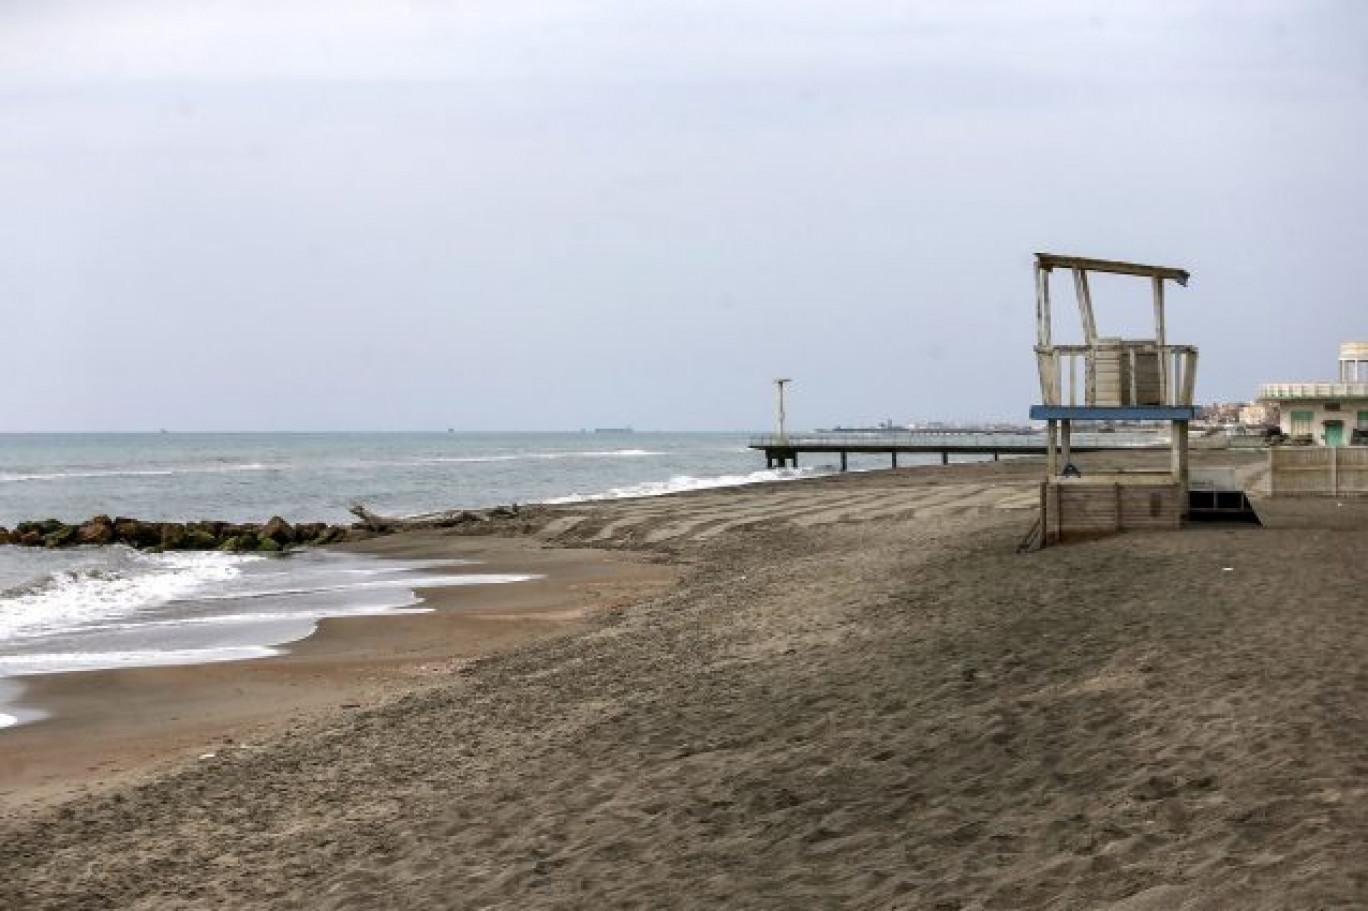 Roma, spiagge libere chiuse e accesso solo agli stabilimenti: il mare solo per i ricchi